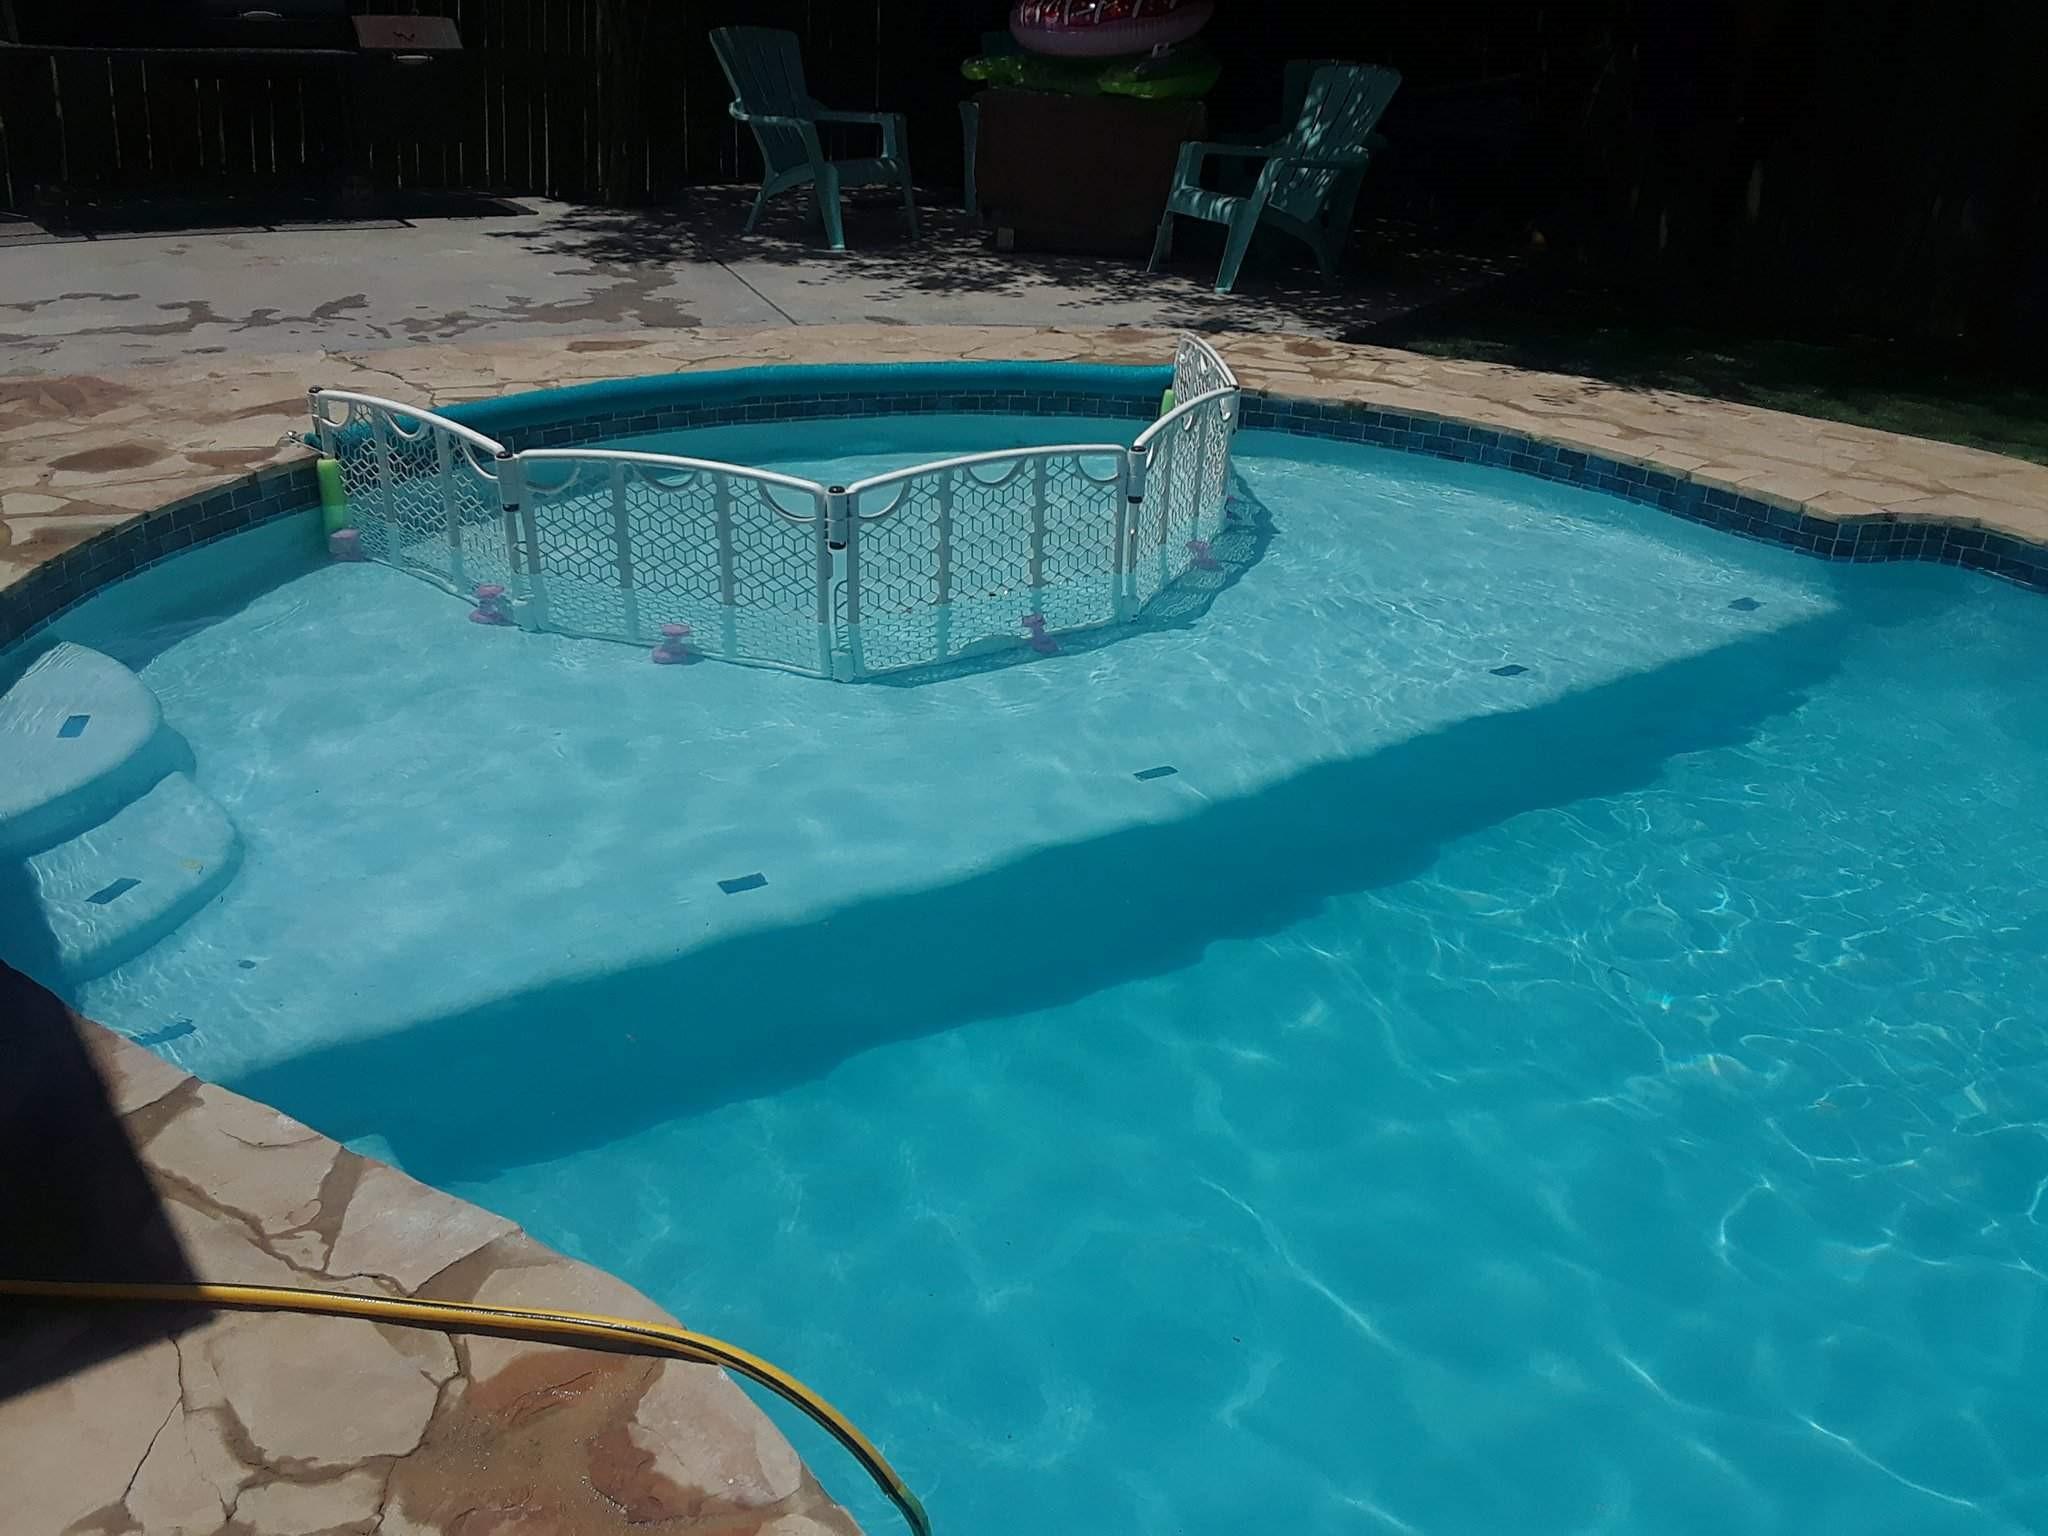 Gallery cinderella pools san antonio tx in ground - Swimming pools in san antonio texas ...